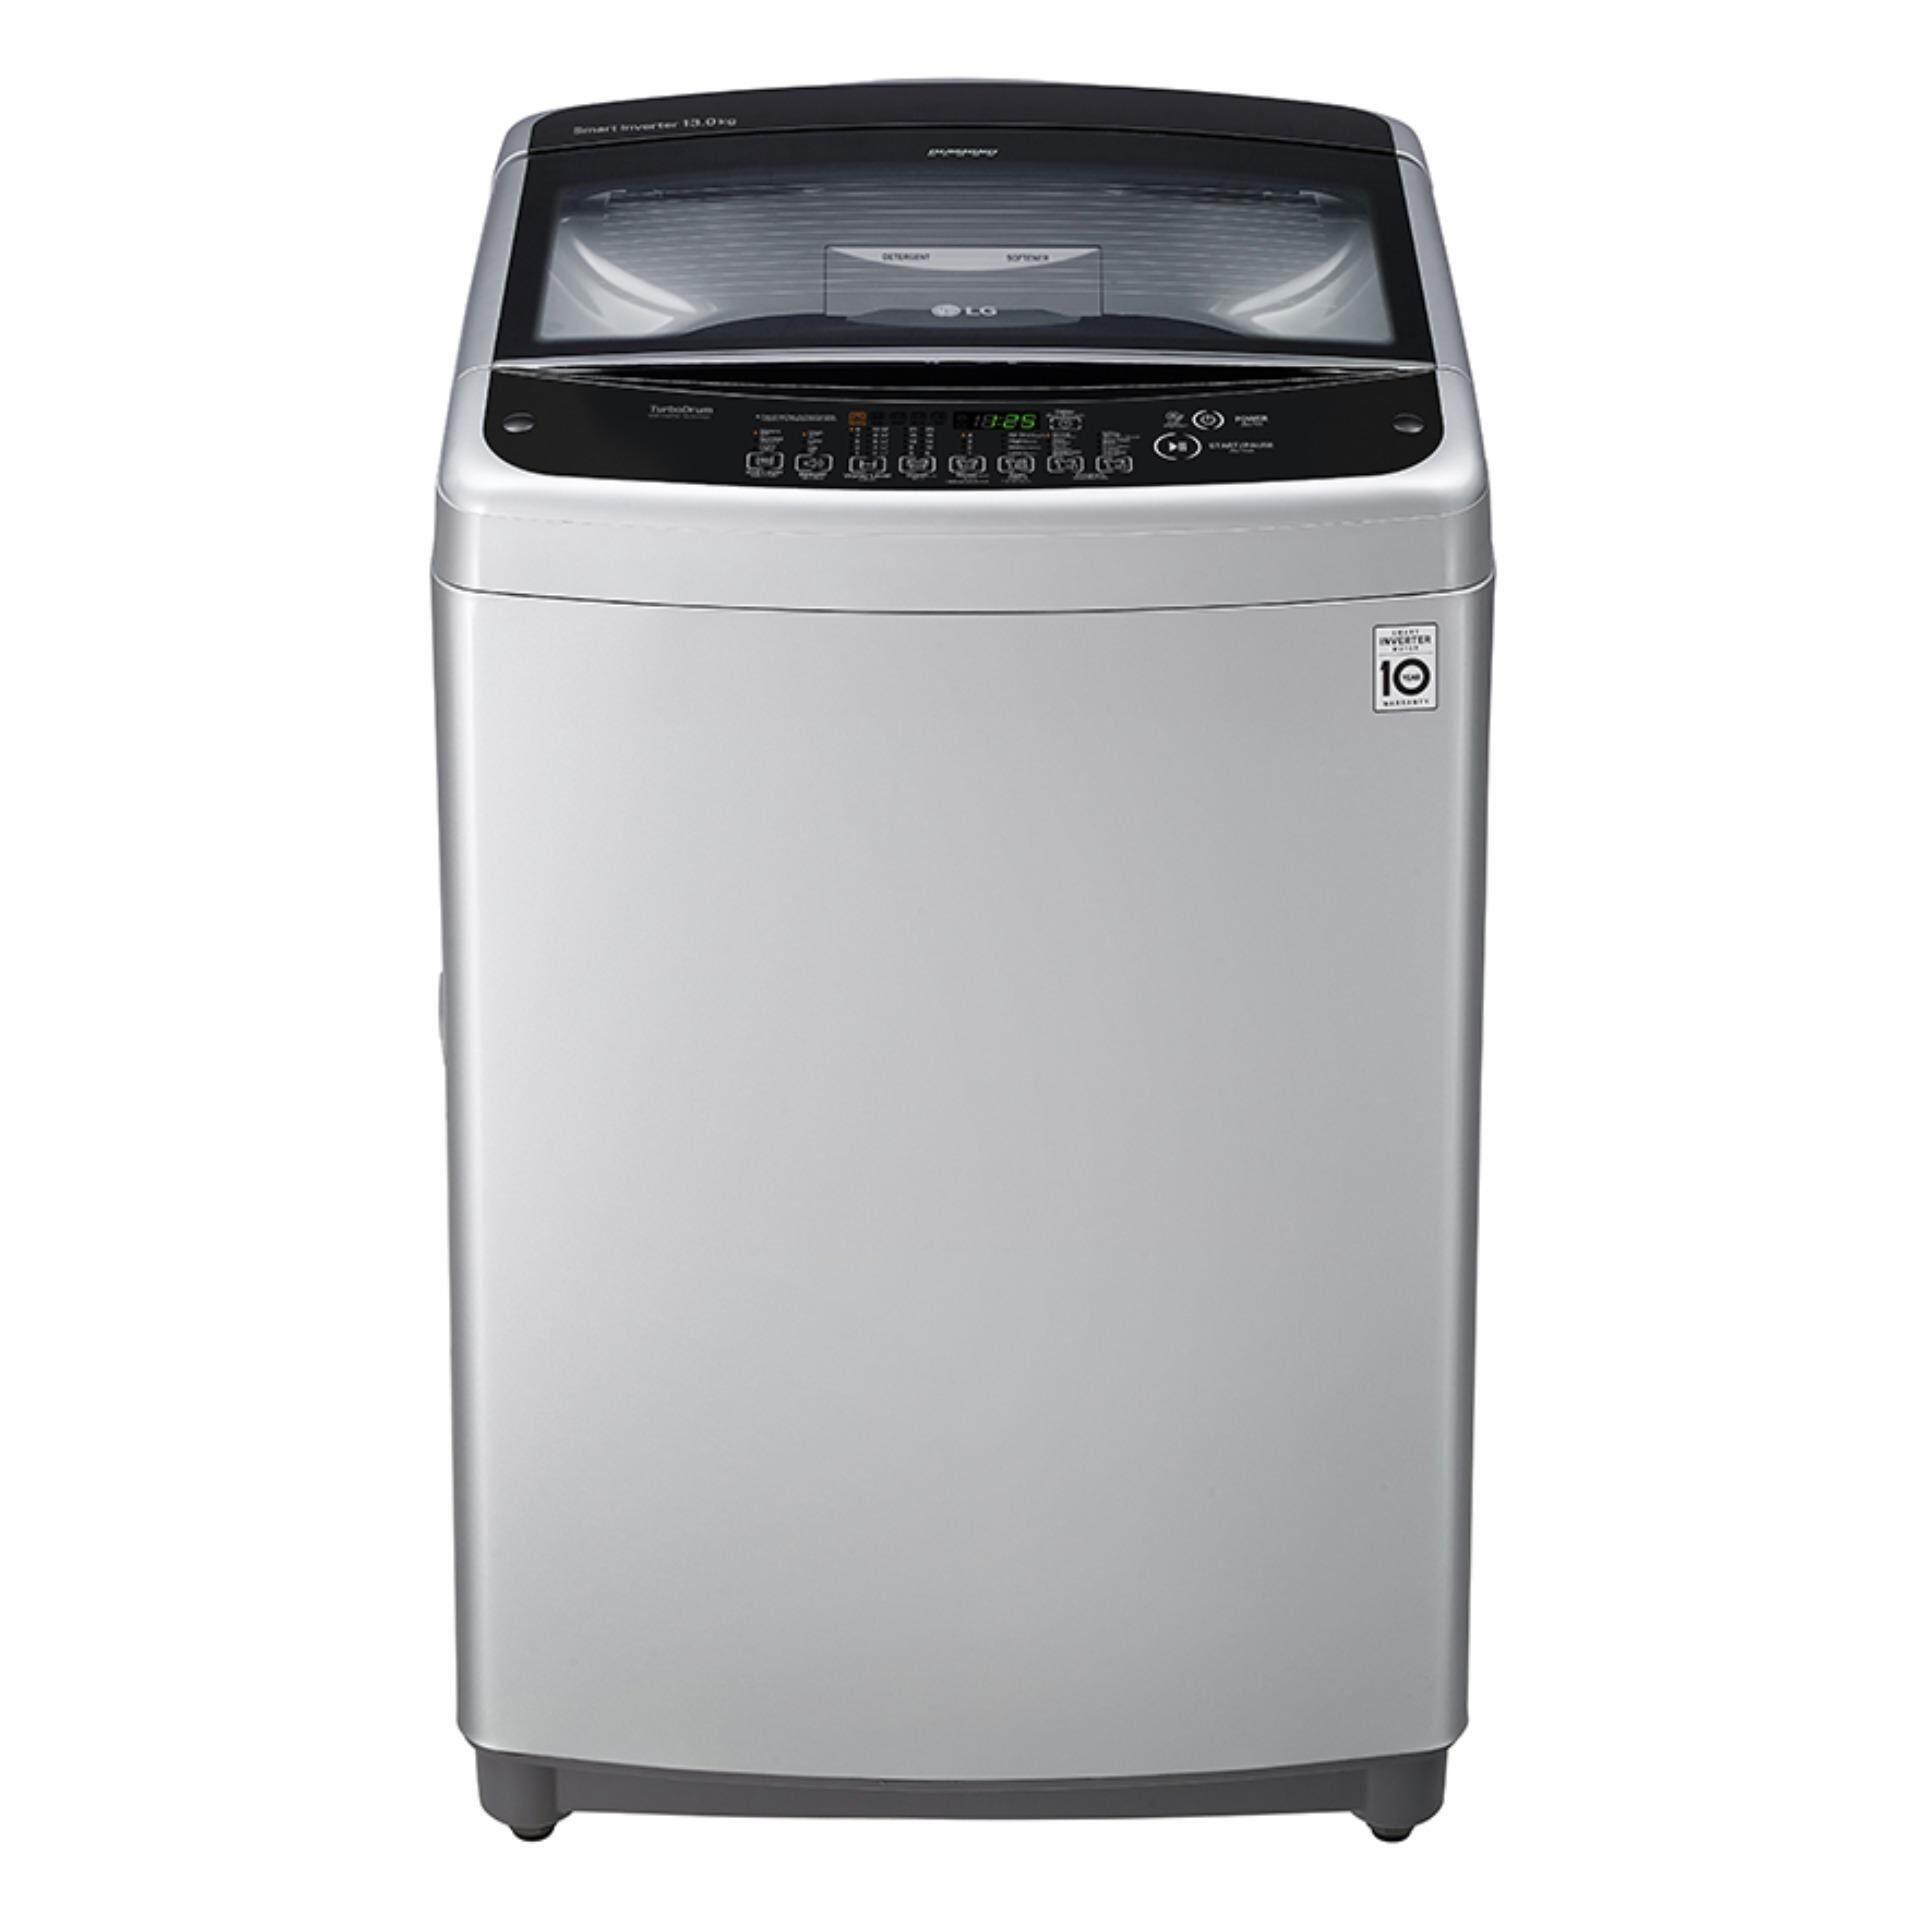 ถูกสุดๆ เครื่องซักผ้า แอลจี ลดโปรโมชั่น -60% เครื่องซักผ้าฝาบน LG Smart Inverter T2513VSAL ,13KG. (สี Gray) ขายถูกที่สุดแล้ว